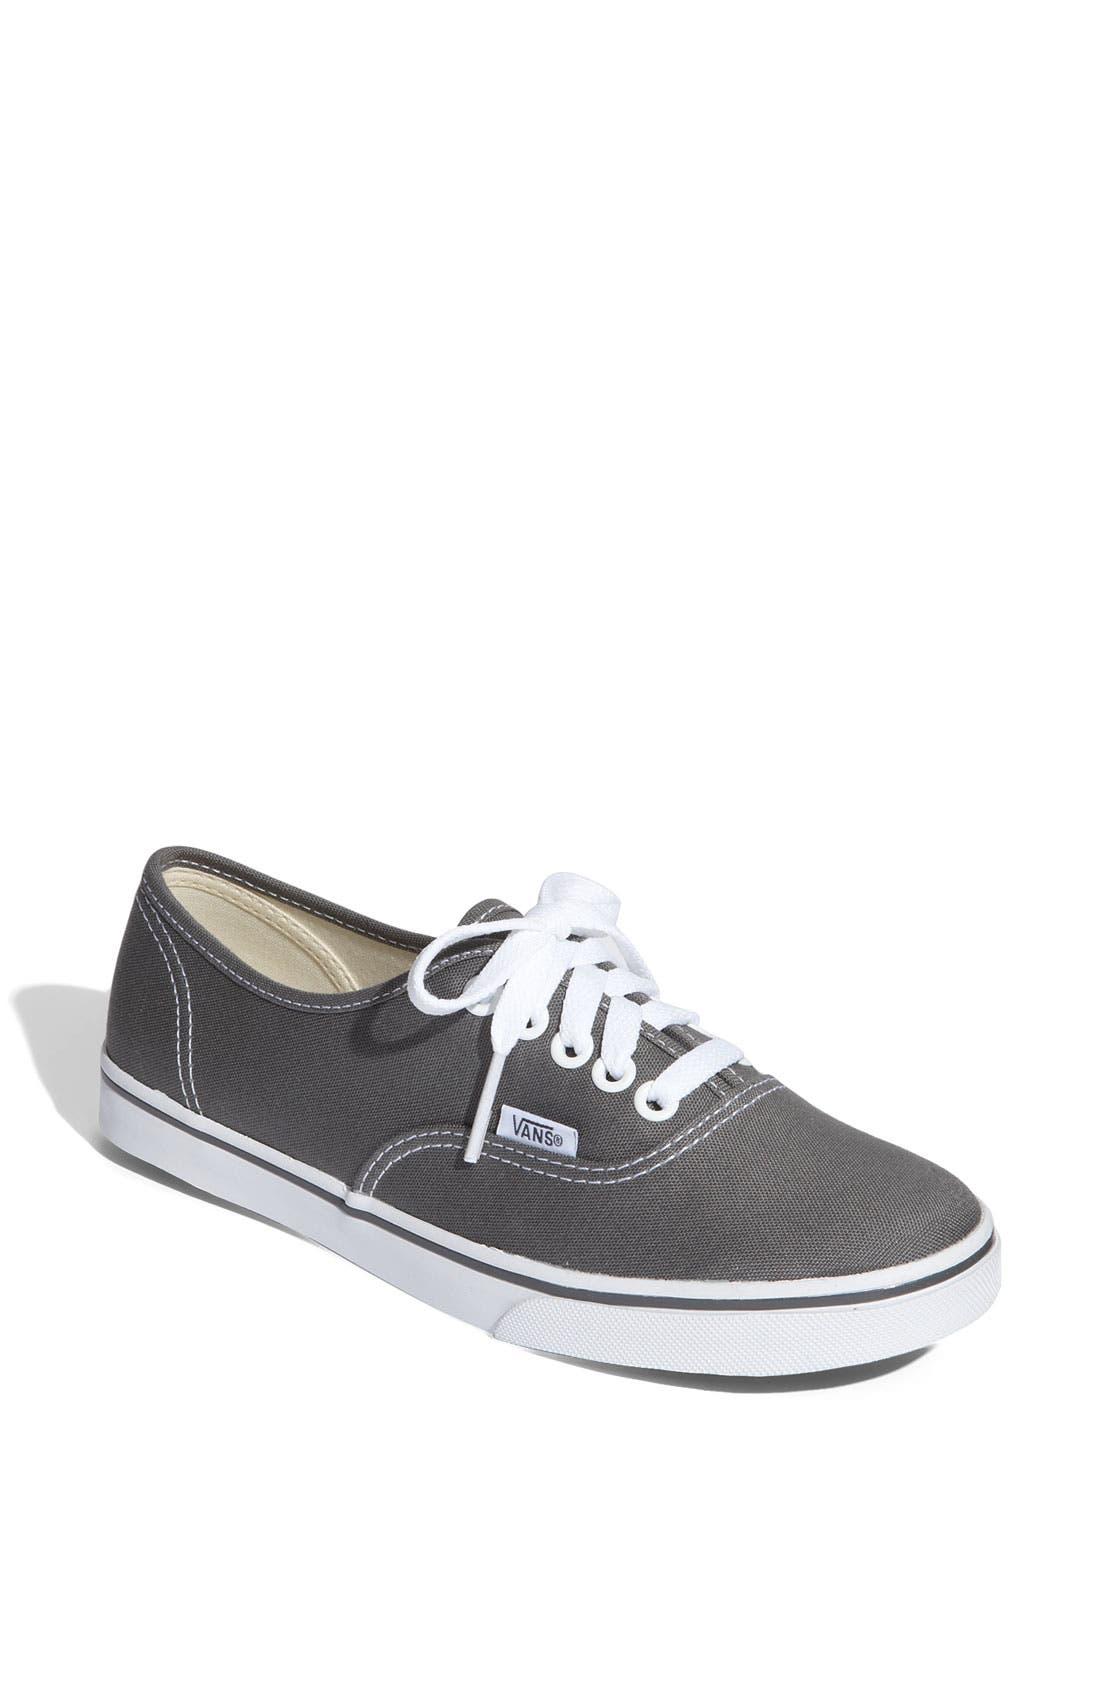 'Authentic - Lo Pro' Sneaker,                             Main thumbnail 1, color,                             021